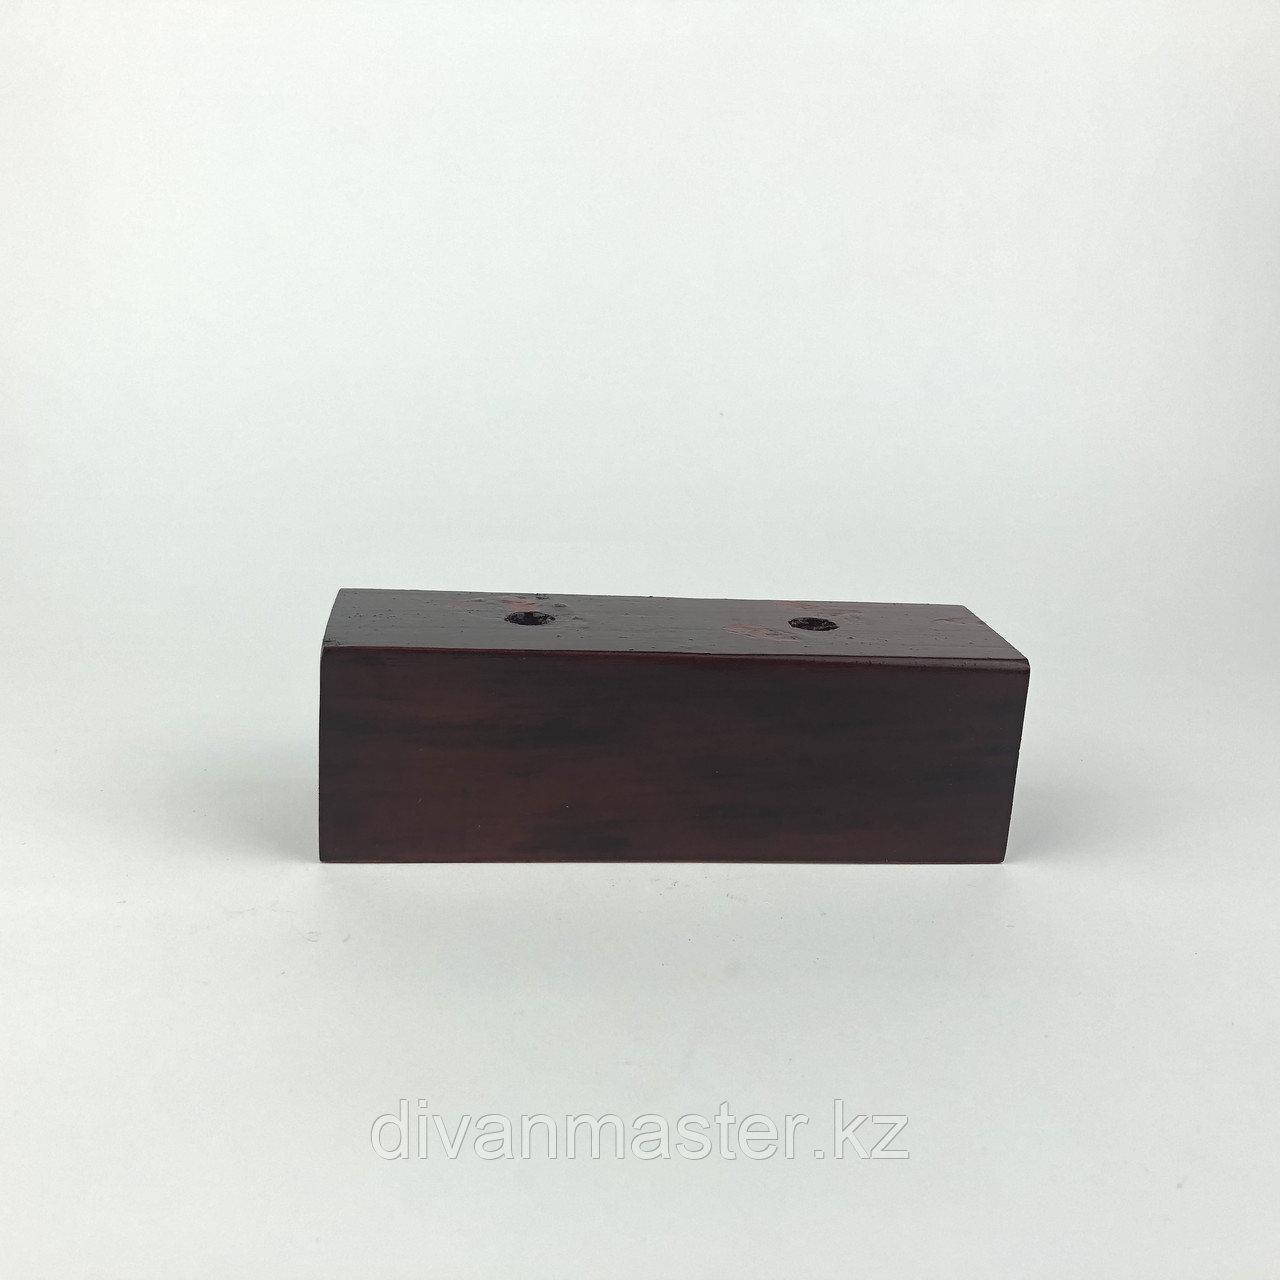 Опора деревянная, прямая для мягкой мебели. 5 см